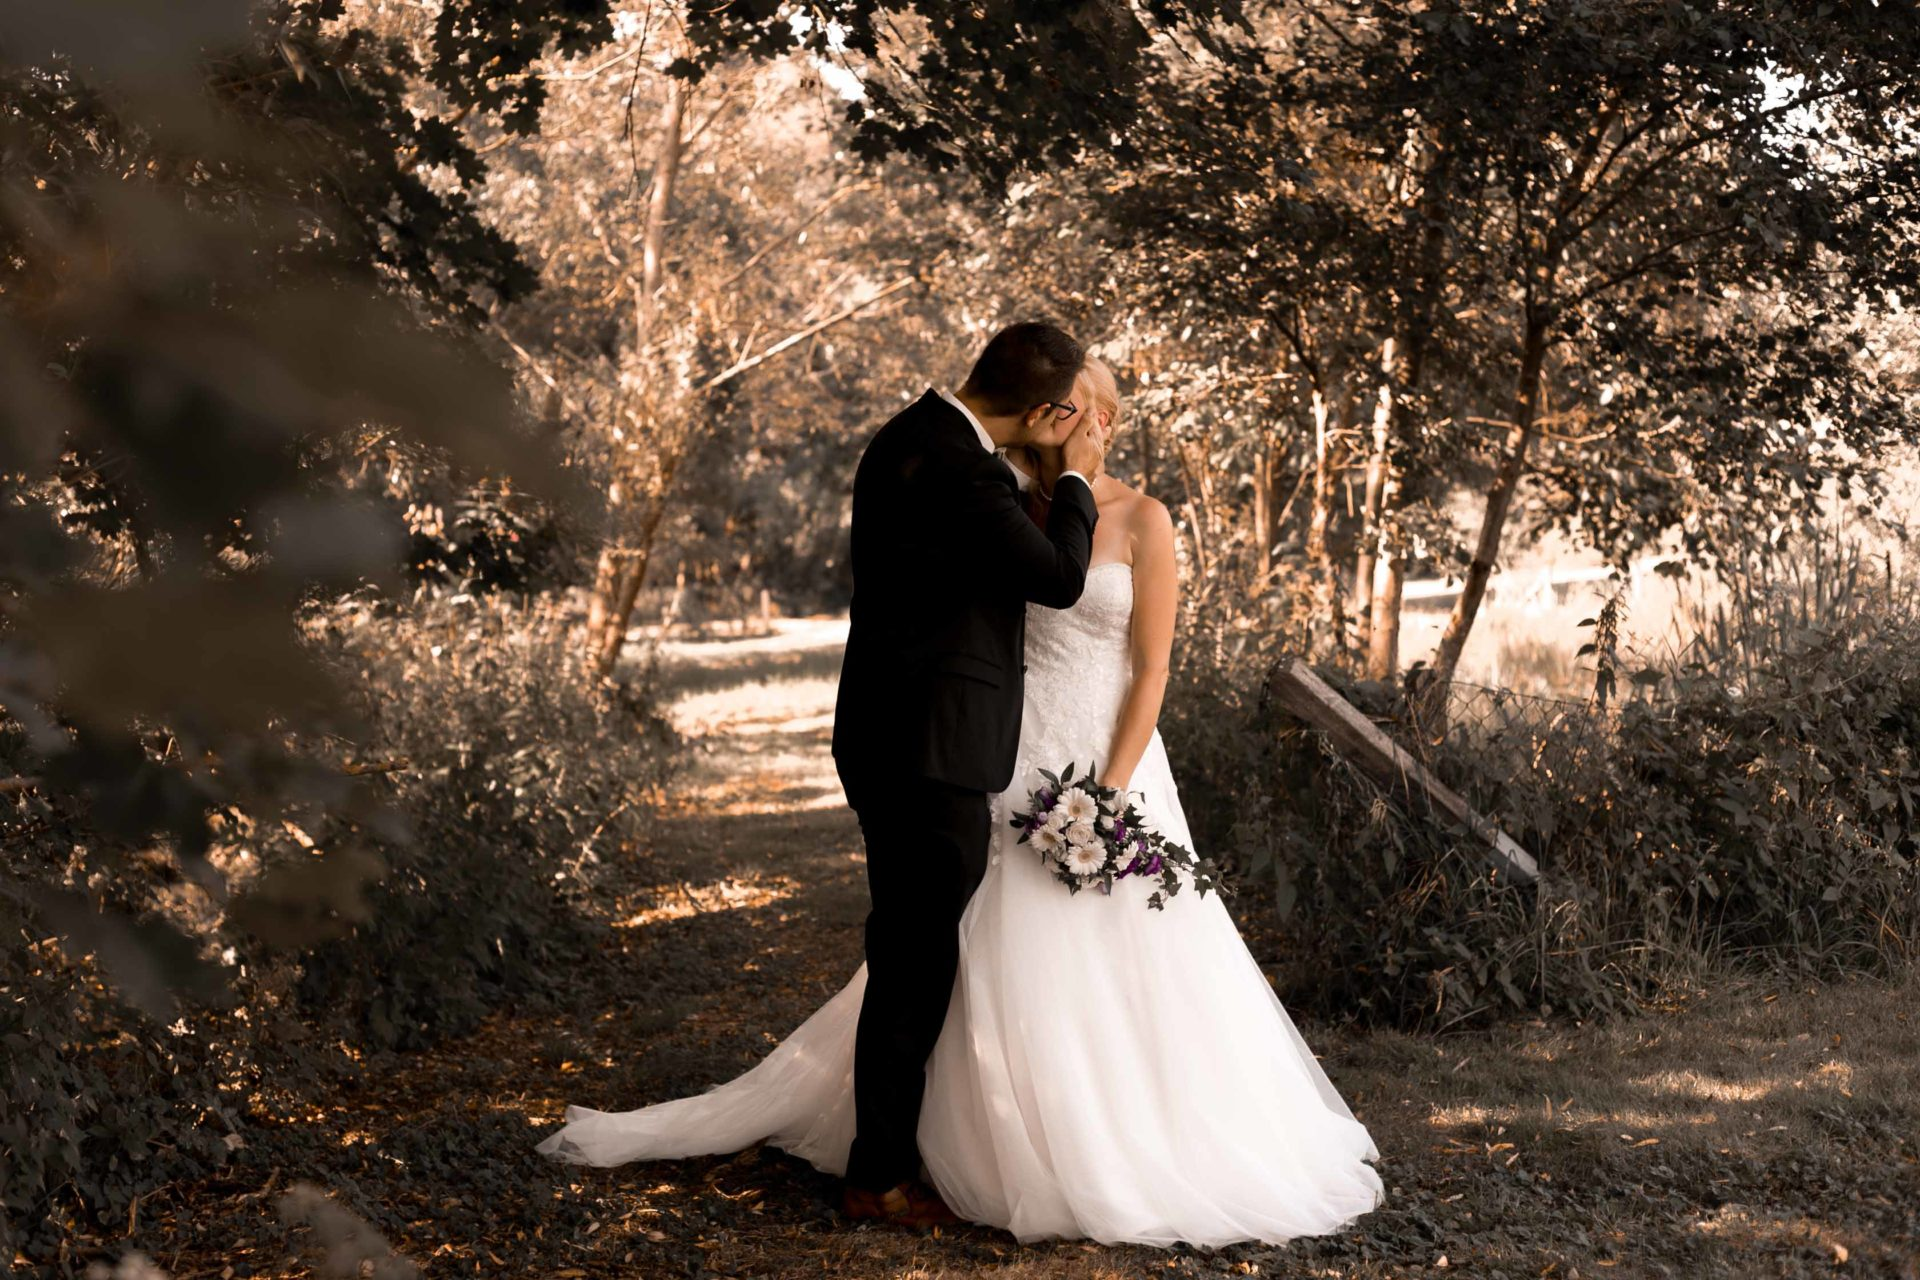 Hochzeitsfotograf Hachenburg Jana Bleich fotografie Hachenburg